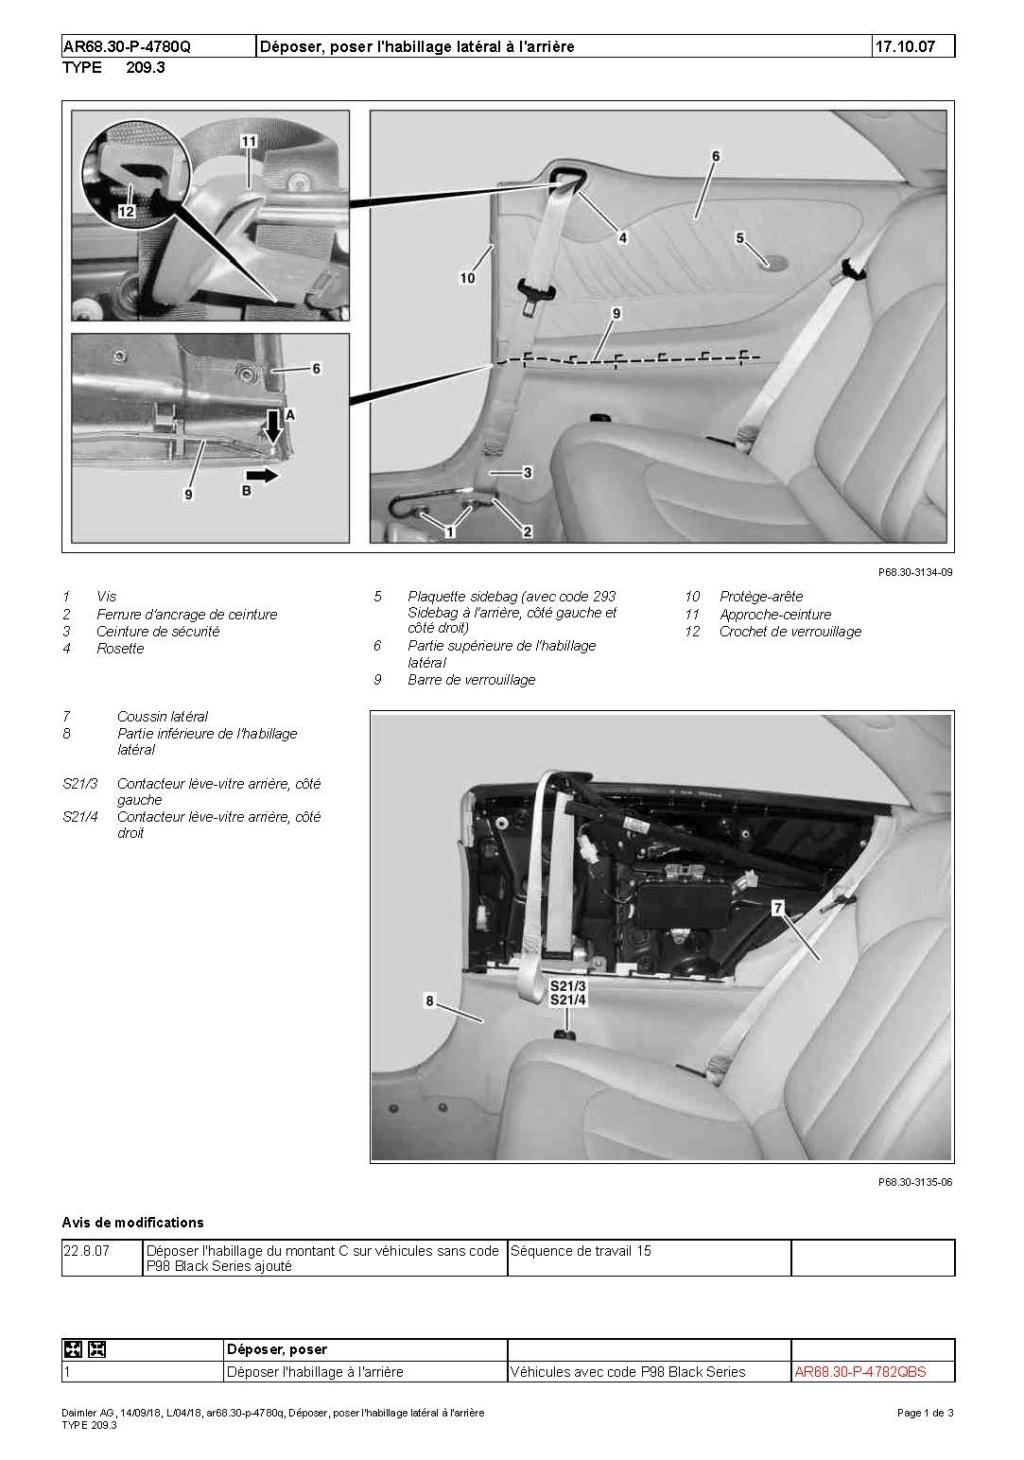 demontage mecanisme leve vitre arriere Dzopos13